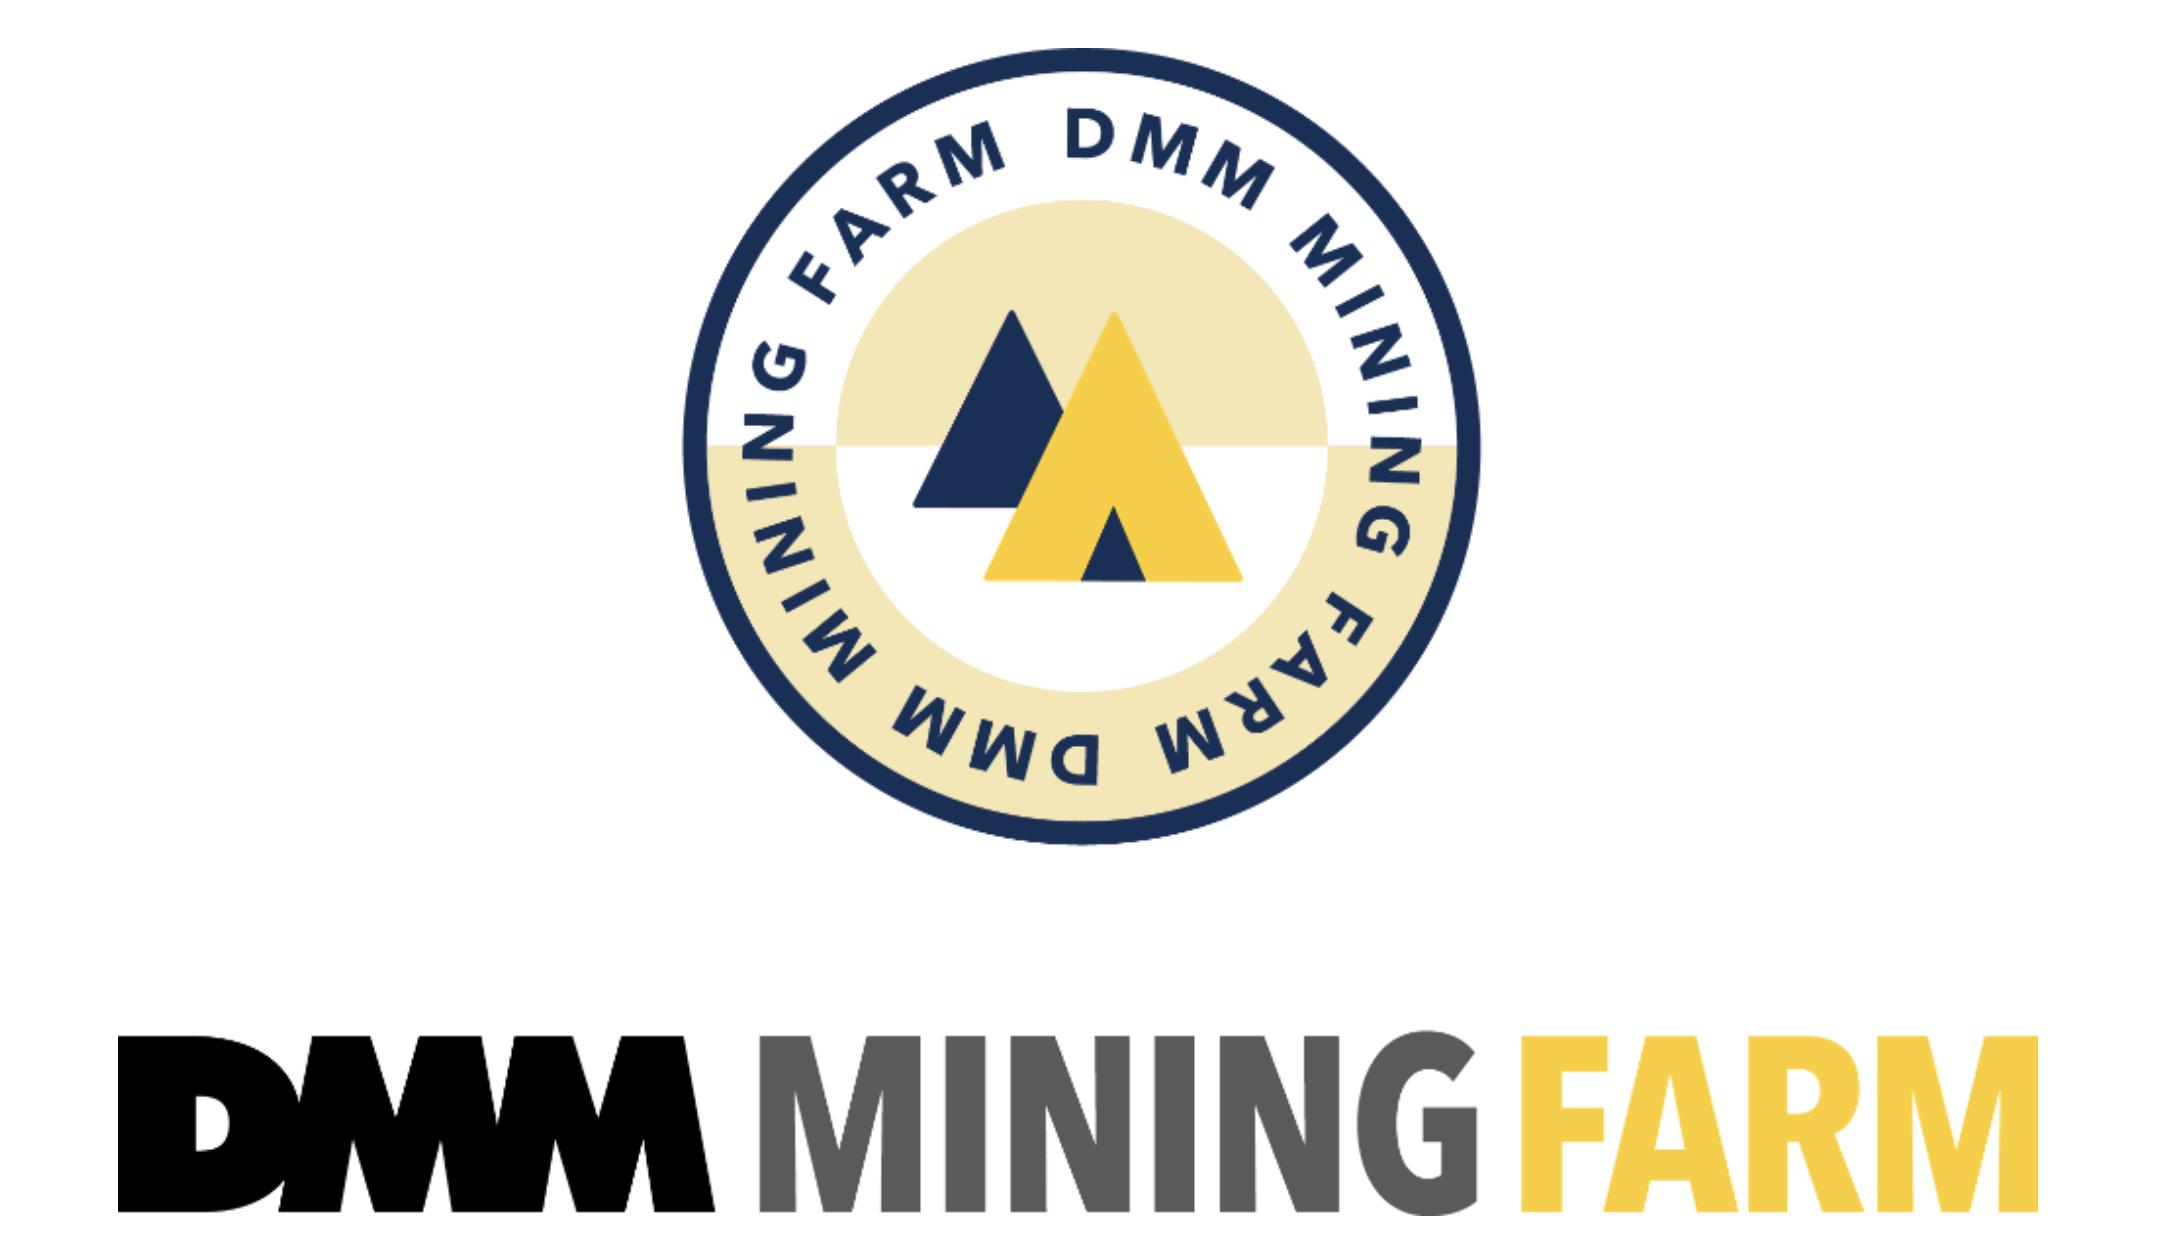 DMMが仮想通貨のマイニングファームの運営を国内にて開始 2018年3月には1000台規模のマイニングファームをショールーム化